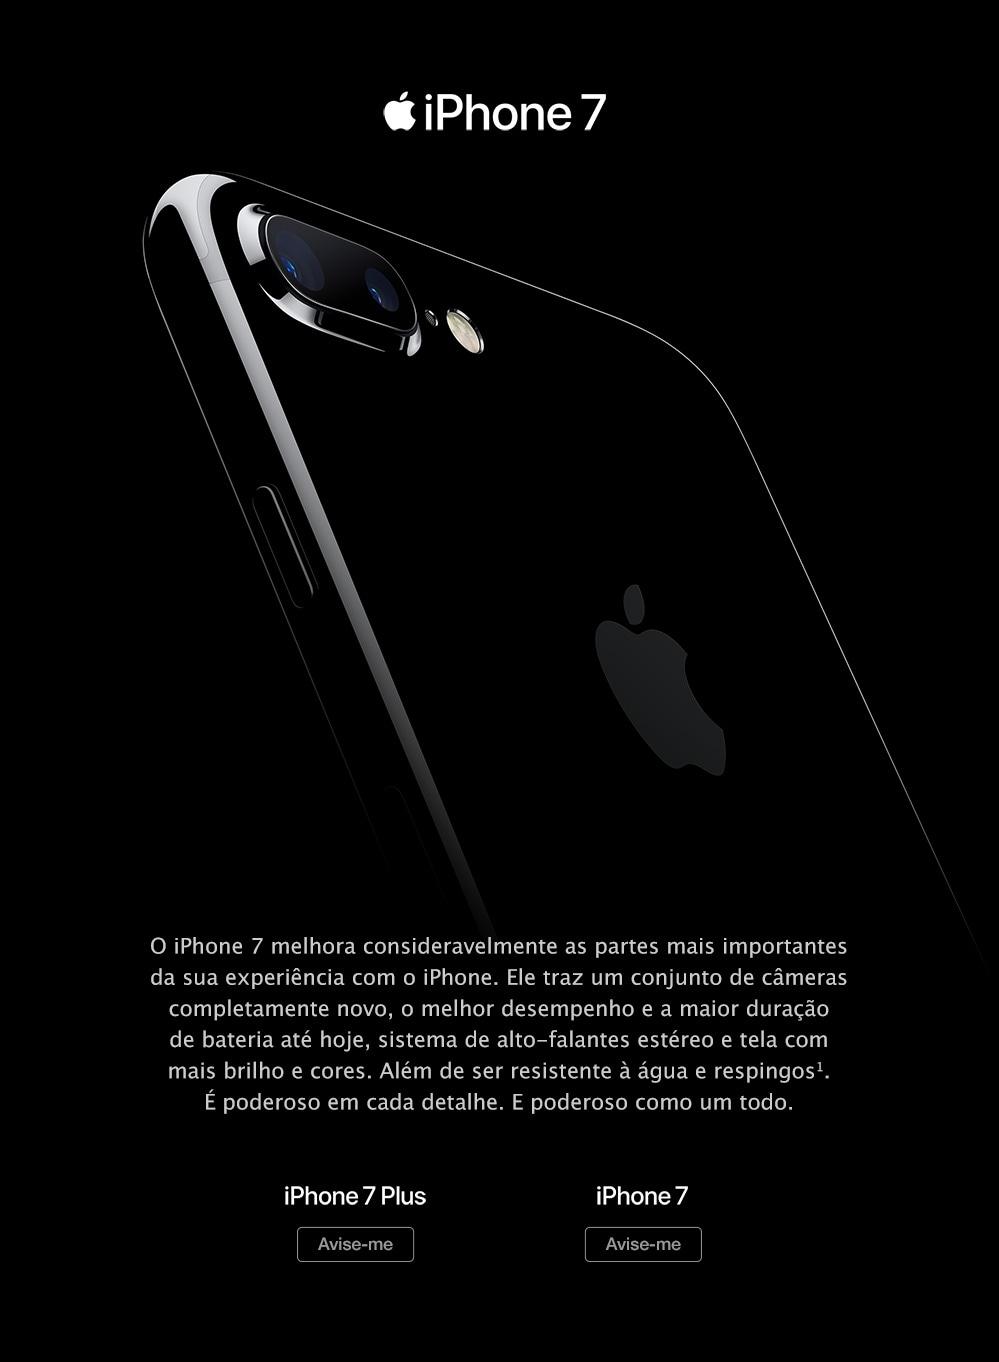 Divulgação do iPhone 7 no Brasil